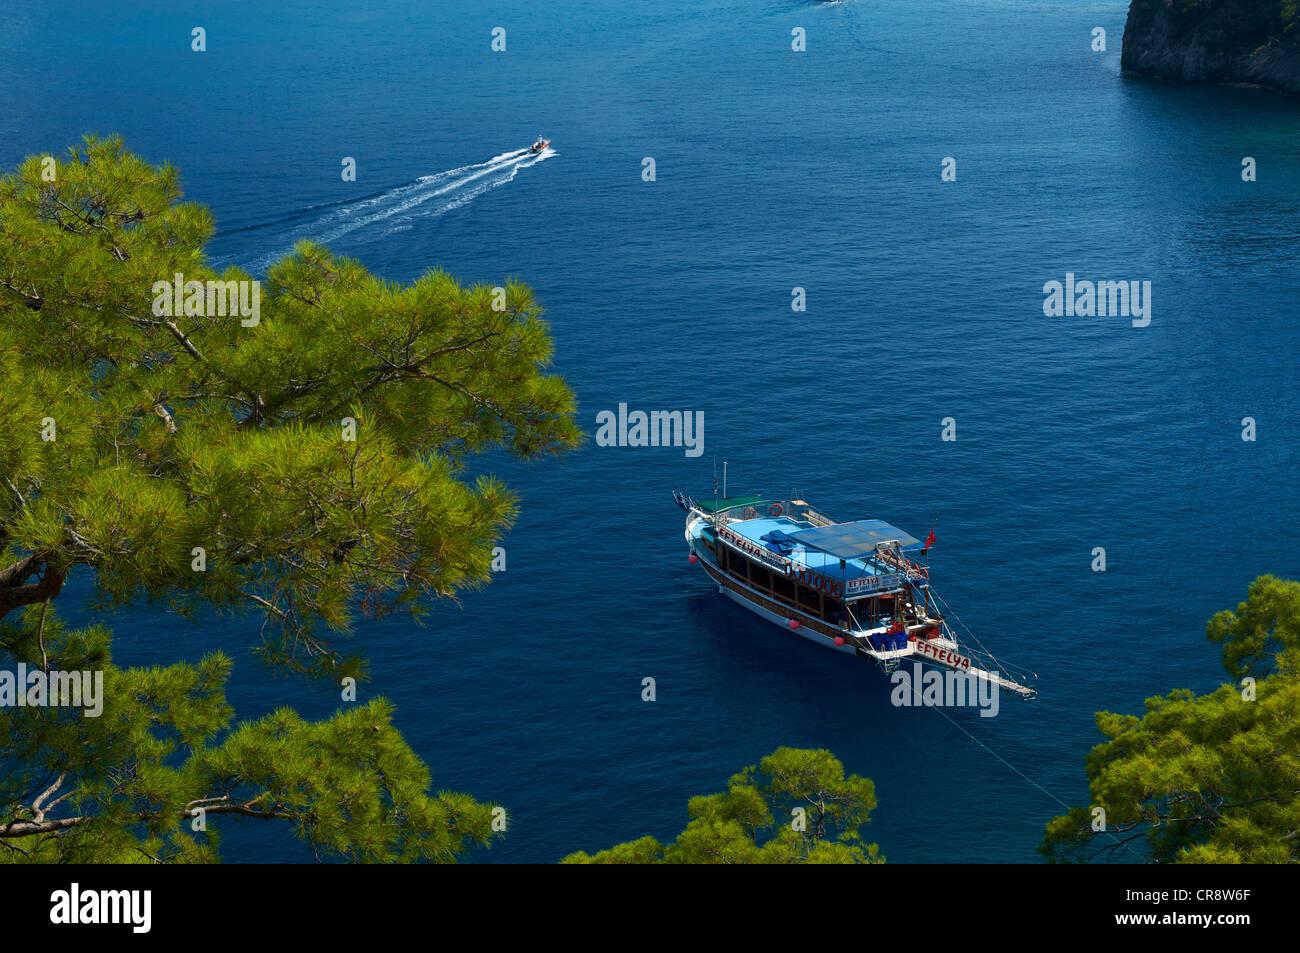 Ausflugsschiffe, Blaue Reise Boot in Oeluedeniz in der Nähe von Fethiye, Türkische Ägäis, Türkei Stockbild